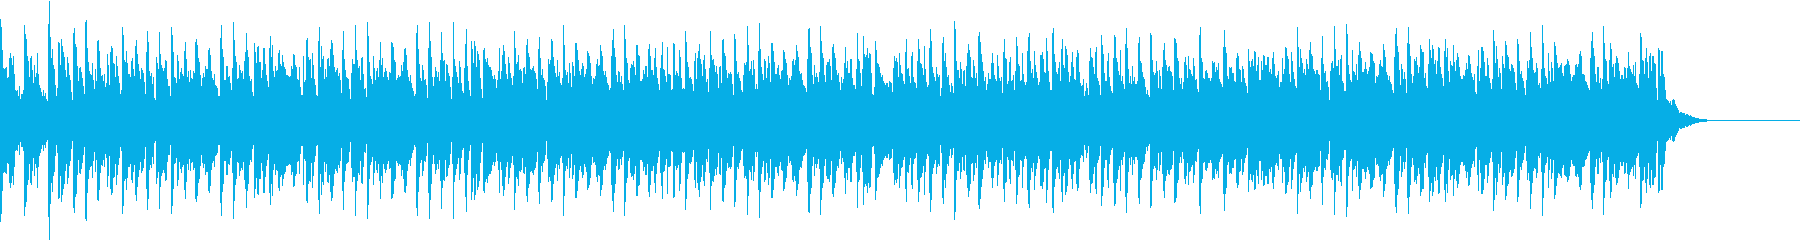 疾走感あふれる中国音楽の再生済みの波形